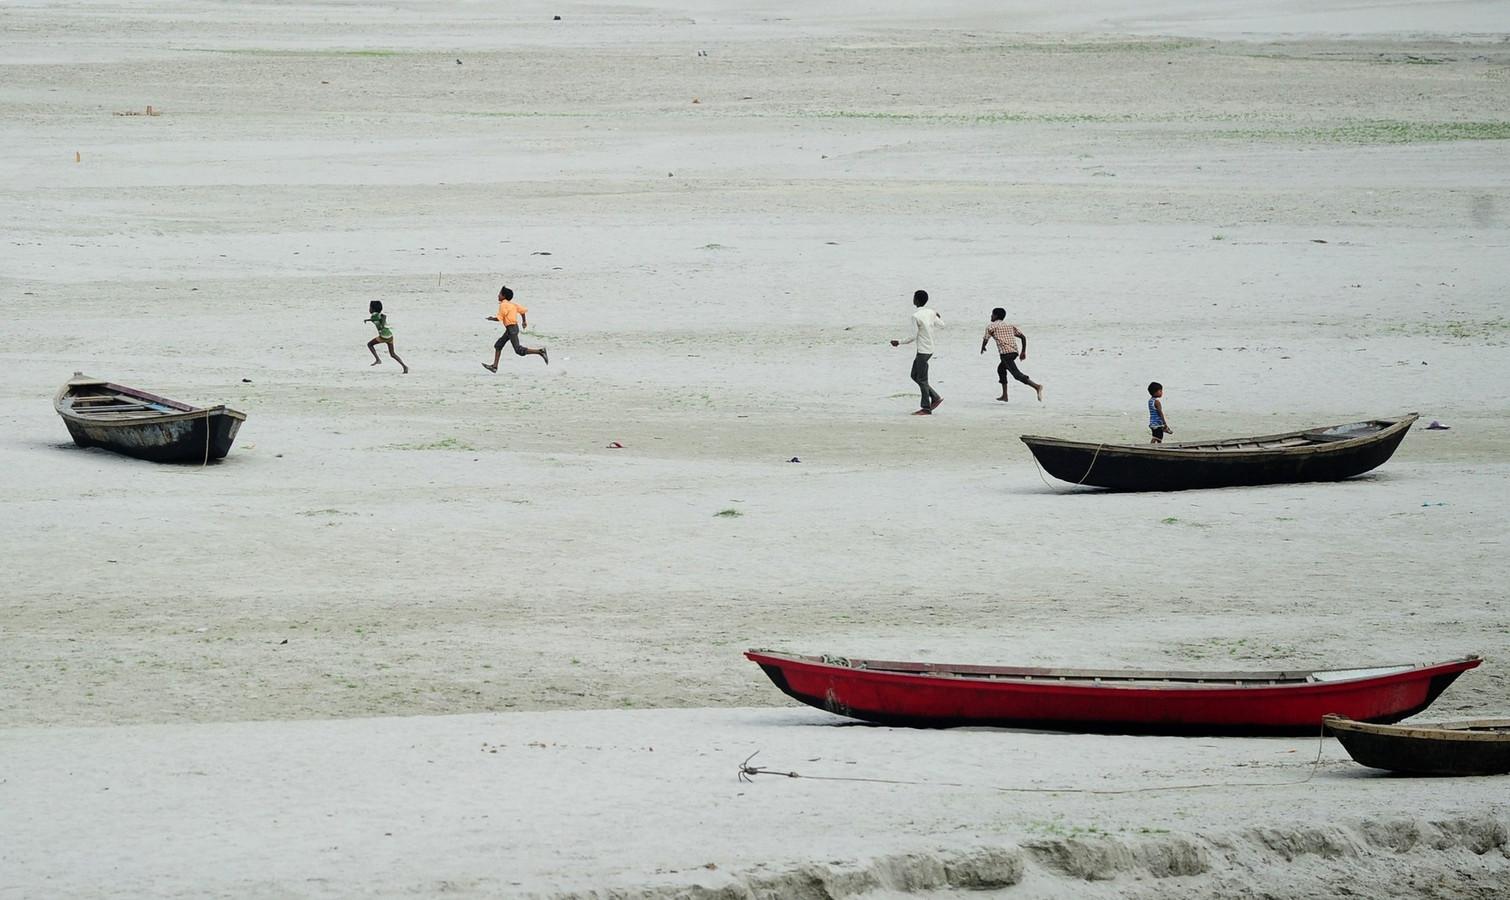 Nu al een feit: de droge rivierbedding van de Ganges, waar kinderen achter een vlieger aanhollen.